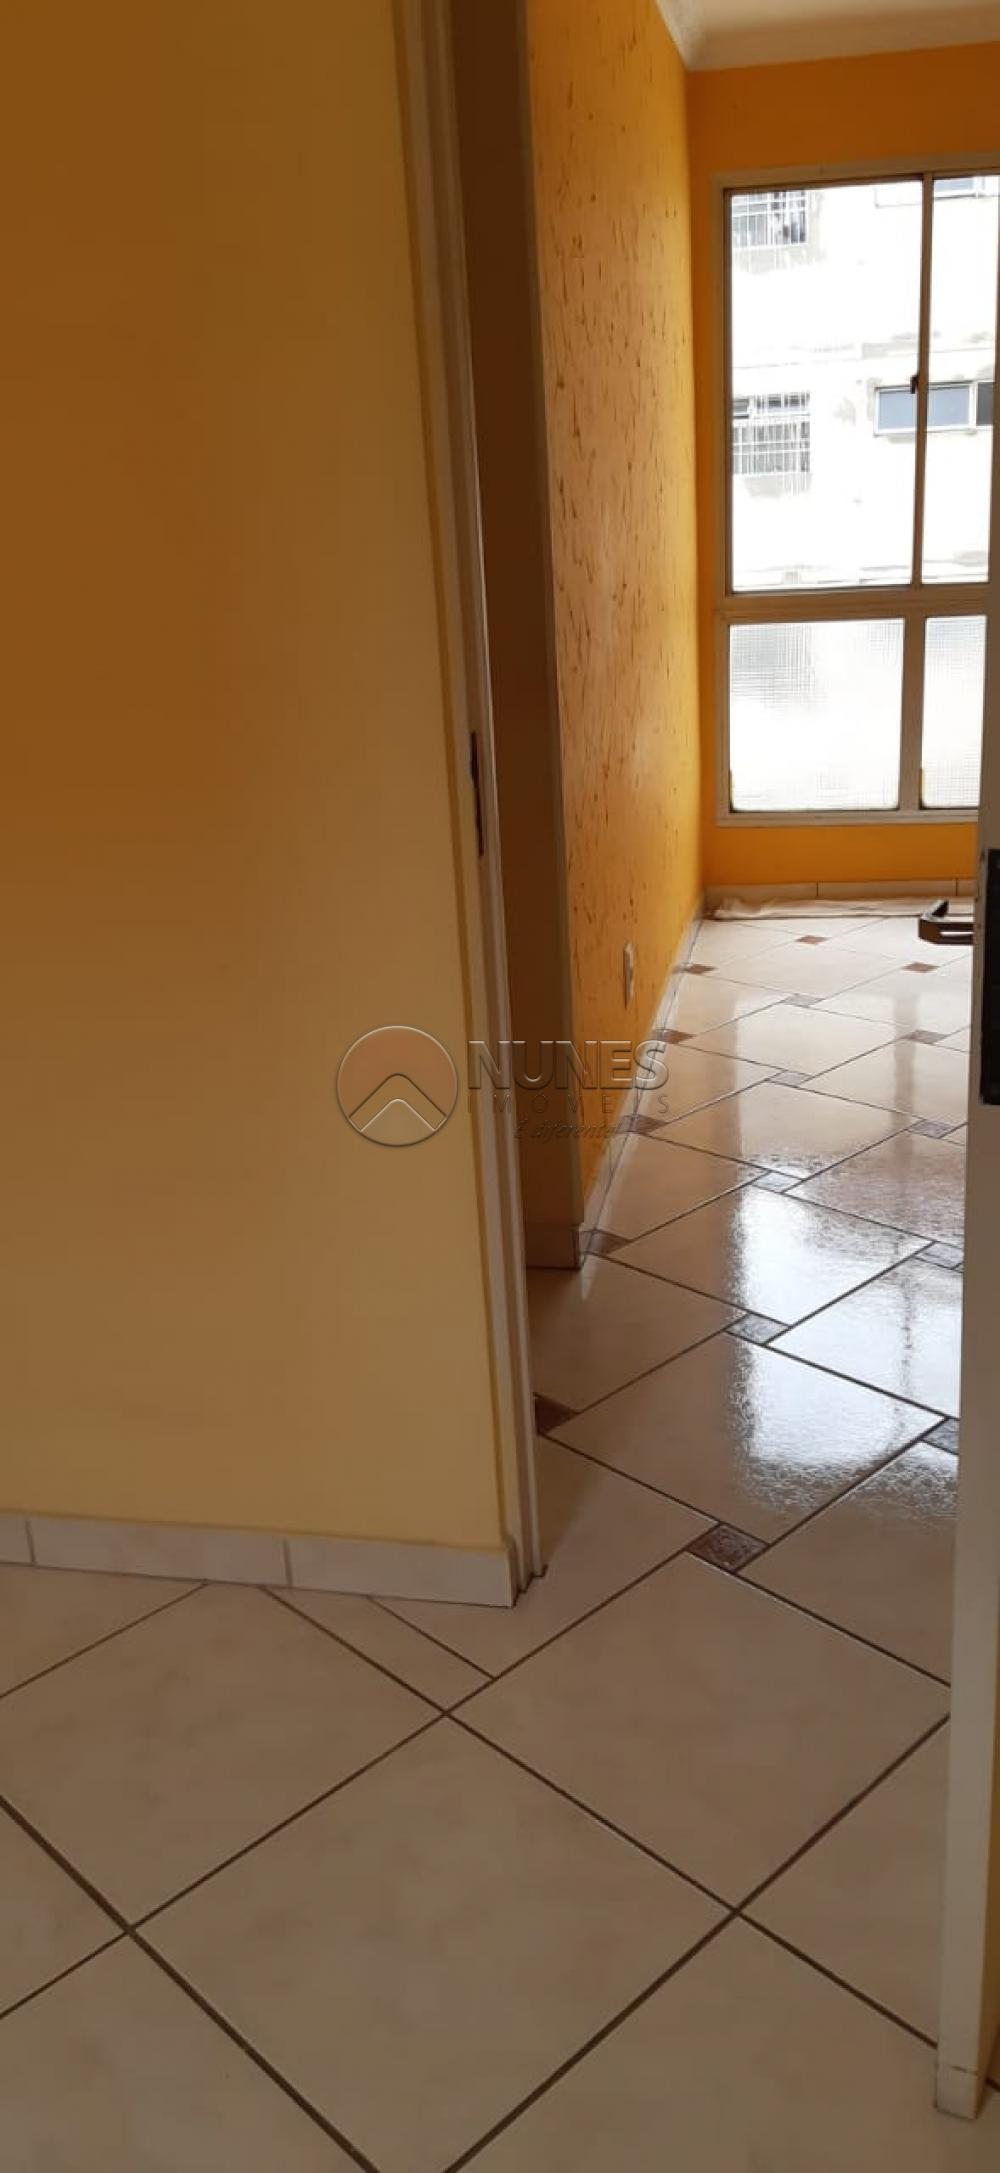 Comprar Apartamento / Padrão em Osasco apenas R$ 240.000,00 - Foto 4